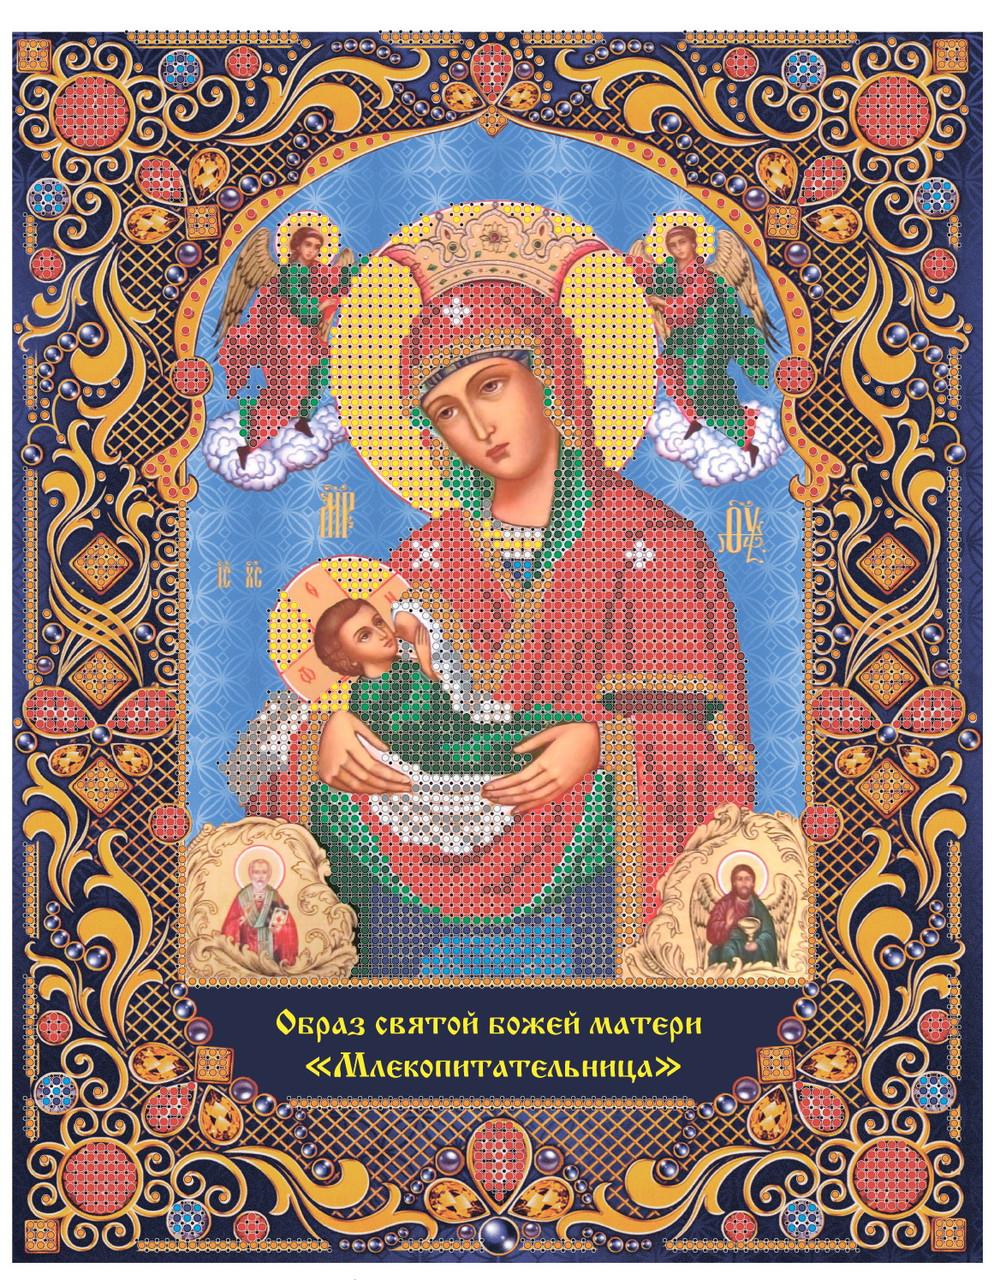 Икона Божией Матери, именуемая «Млекопитательница»